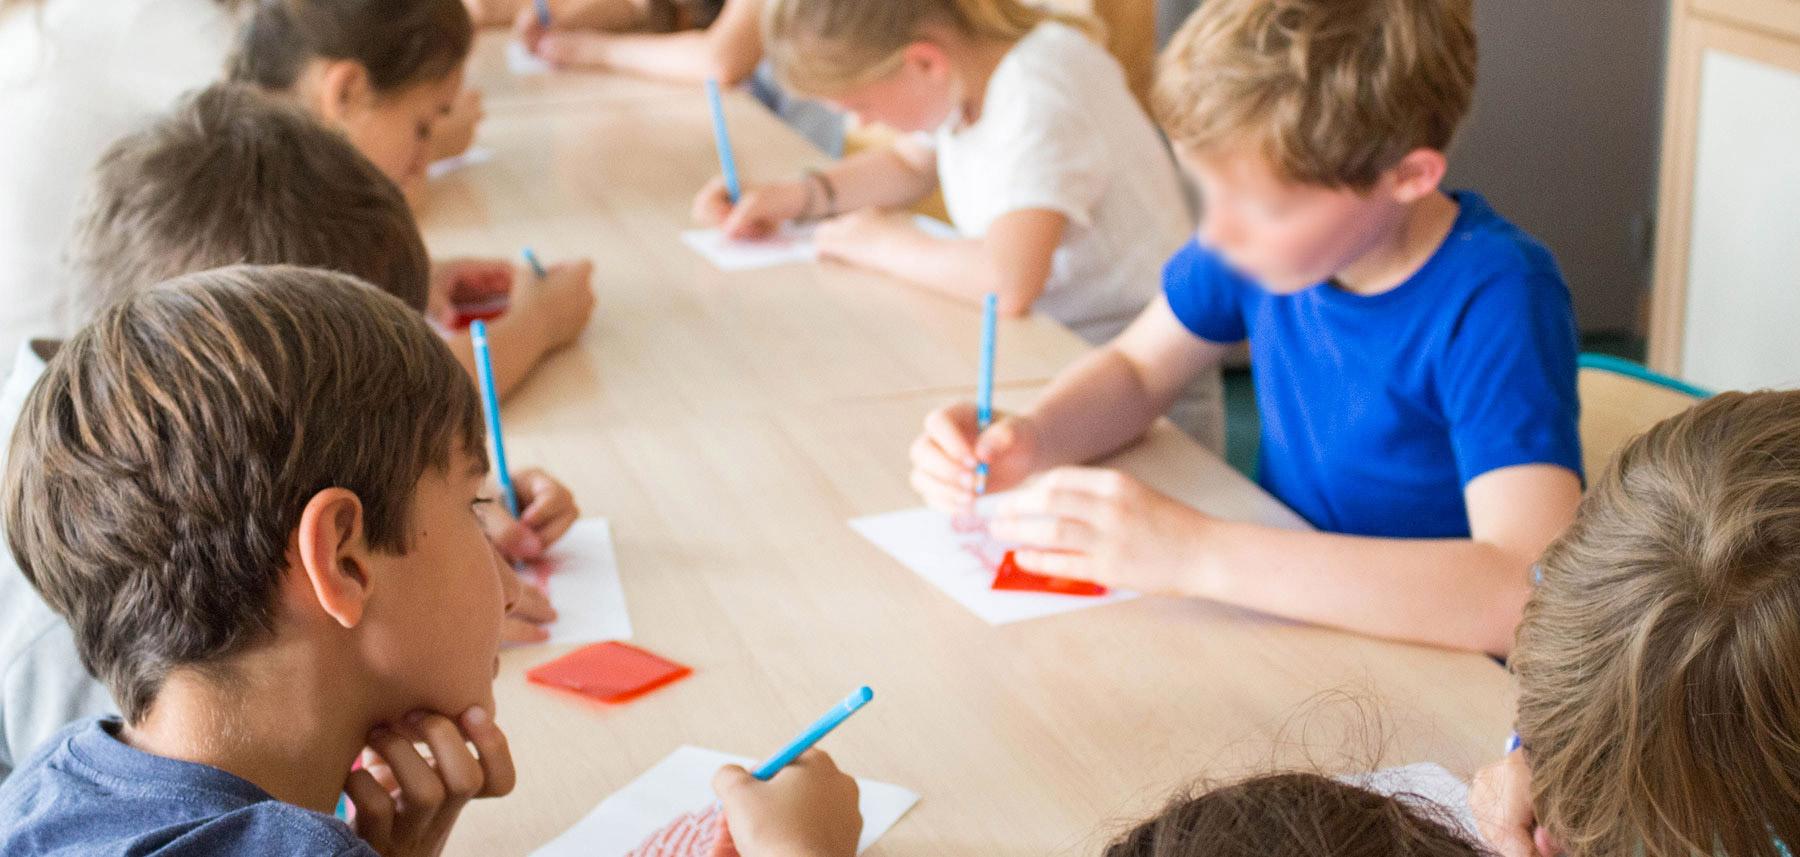 Ateliers groupe élèves dessine